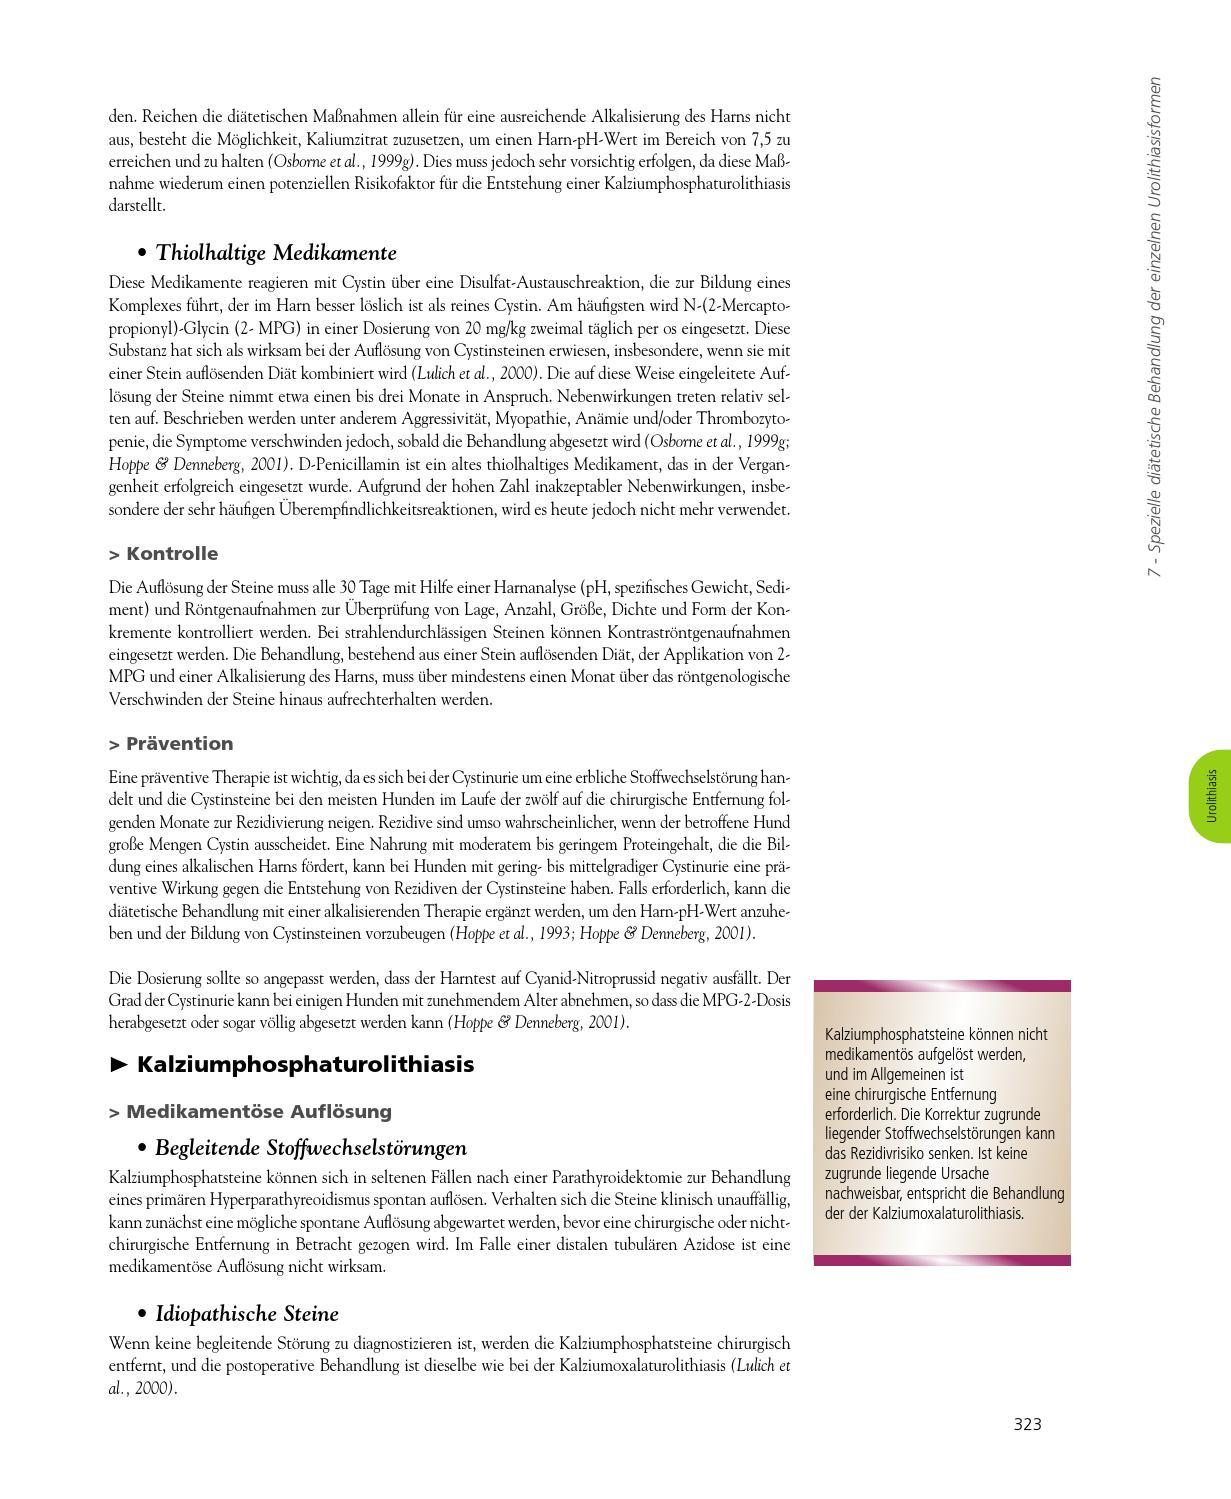 Diät zur Vermeidung von Nierensteinen Calciumoxalat